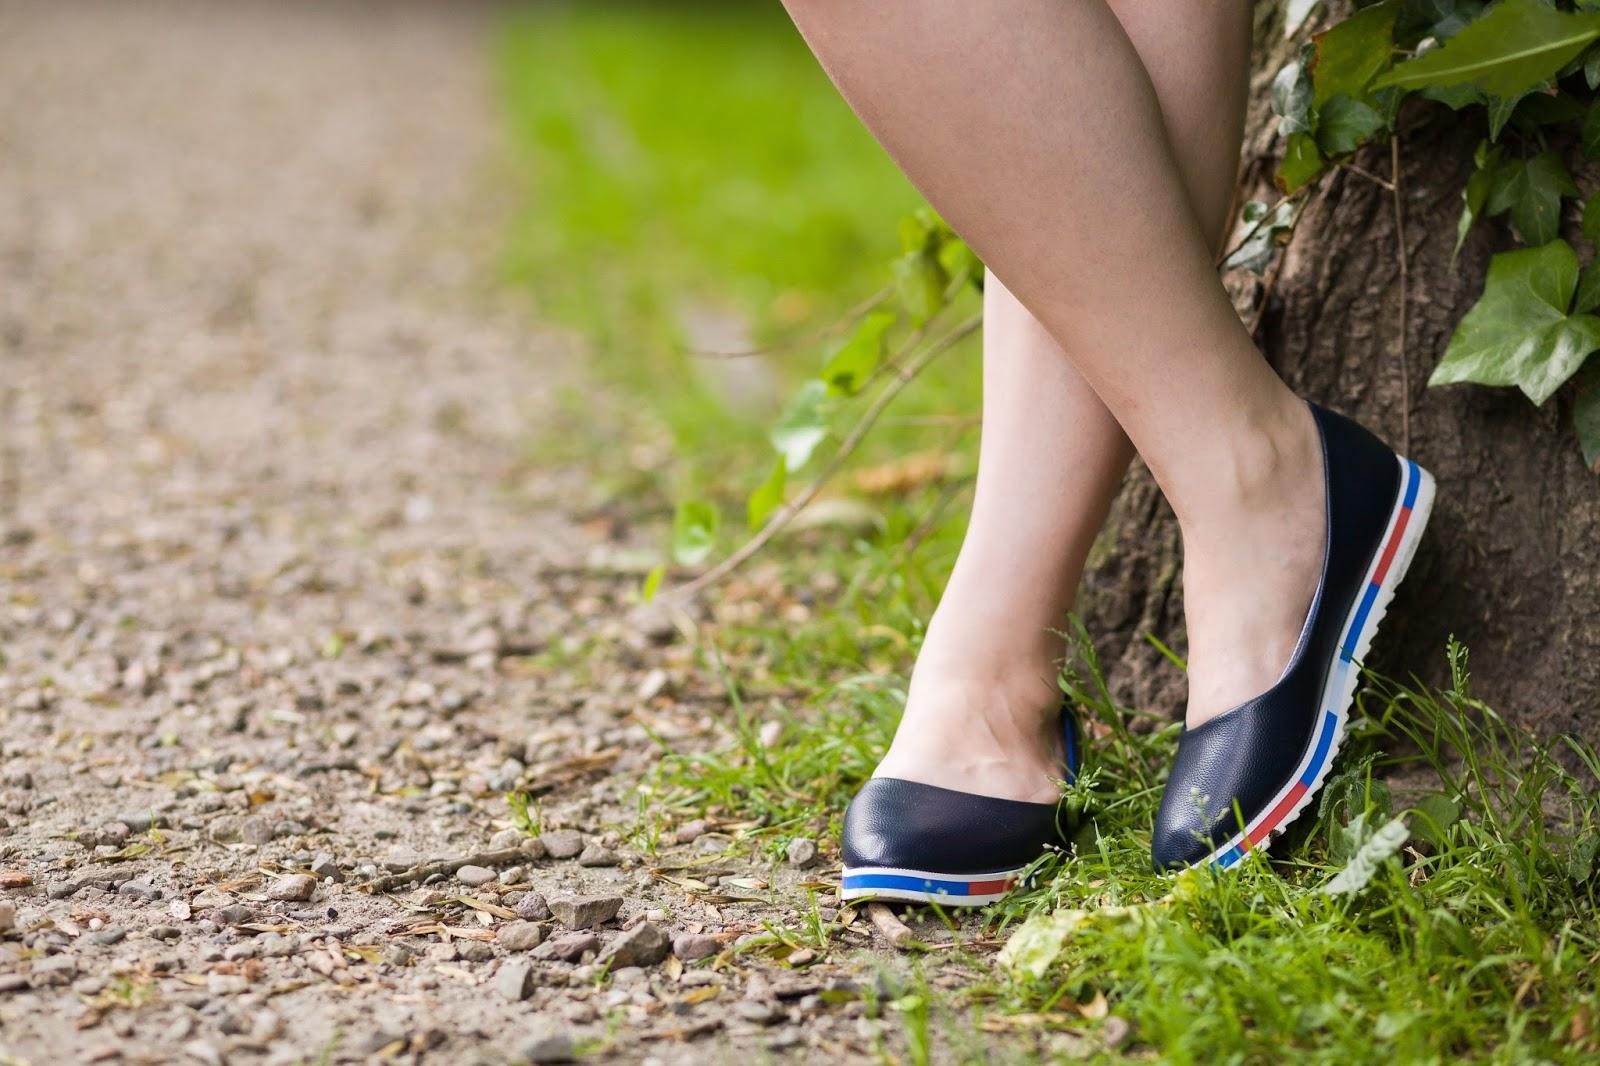 6 Off The Shoulder Flared Dress zaful paul rich watch hat sukienka zaful opinie recenzja buty łuków ażurowa hiszpanka granatowa baletki zegarek ootd lookbook fashionblogger blog modowy lifestyle